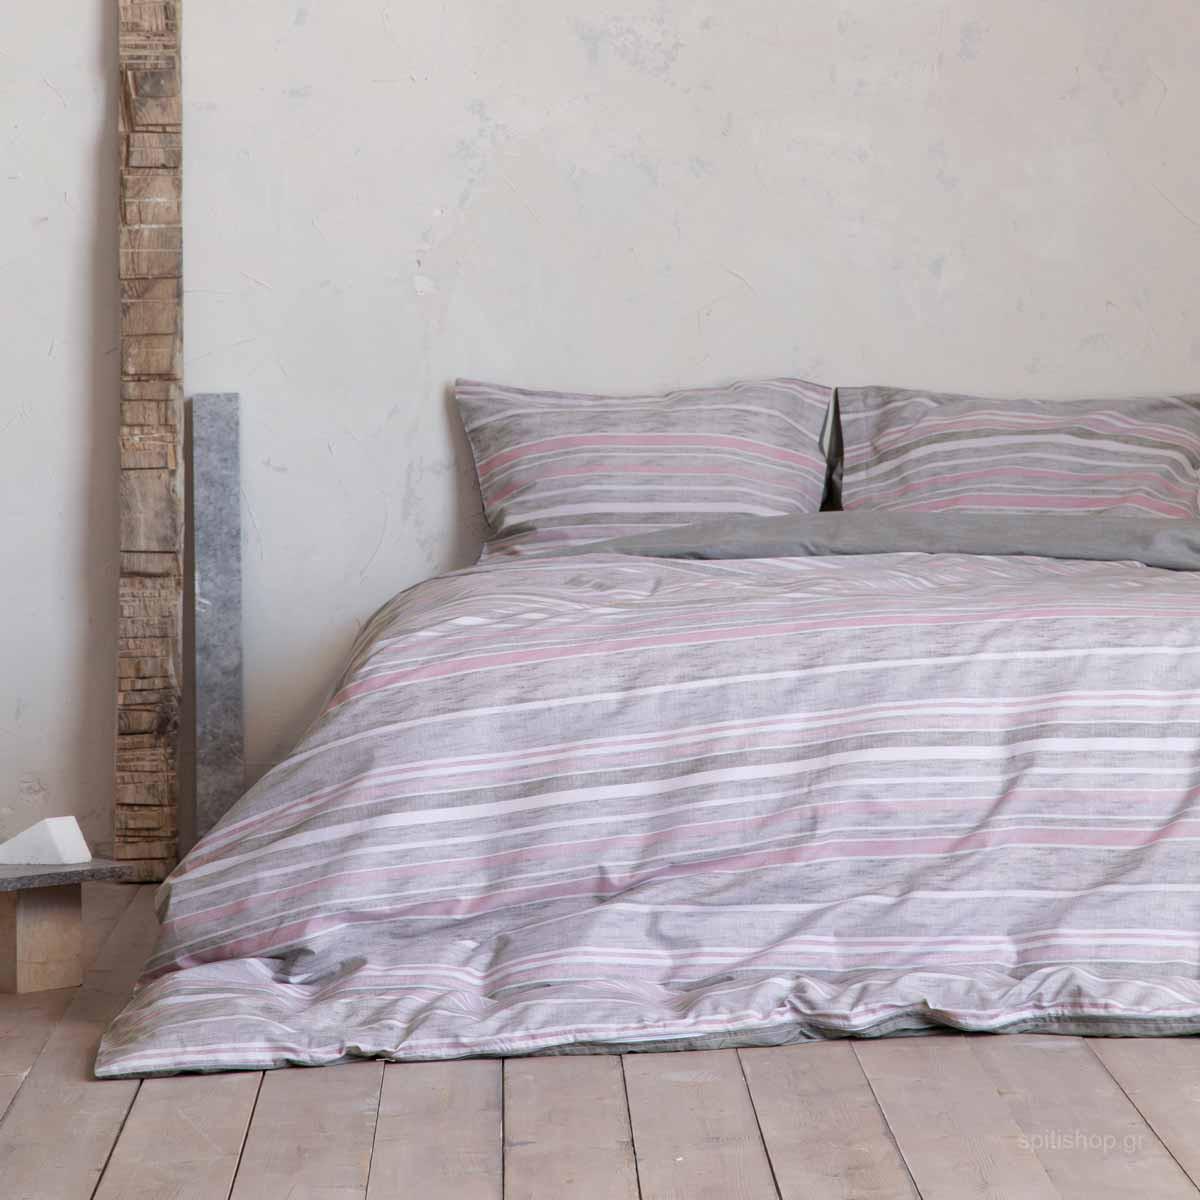 Σεντόνια Υπέρδιπλα (Σετ) Nima Bed Linen Lirbetto Powder ΜΕ ΛΑΣΤΙΧΟ 160×200+32 ΜΕ ΛΑΣΤΙΧΟ 160×200+32